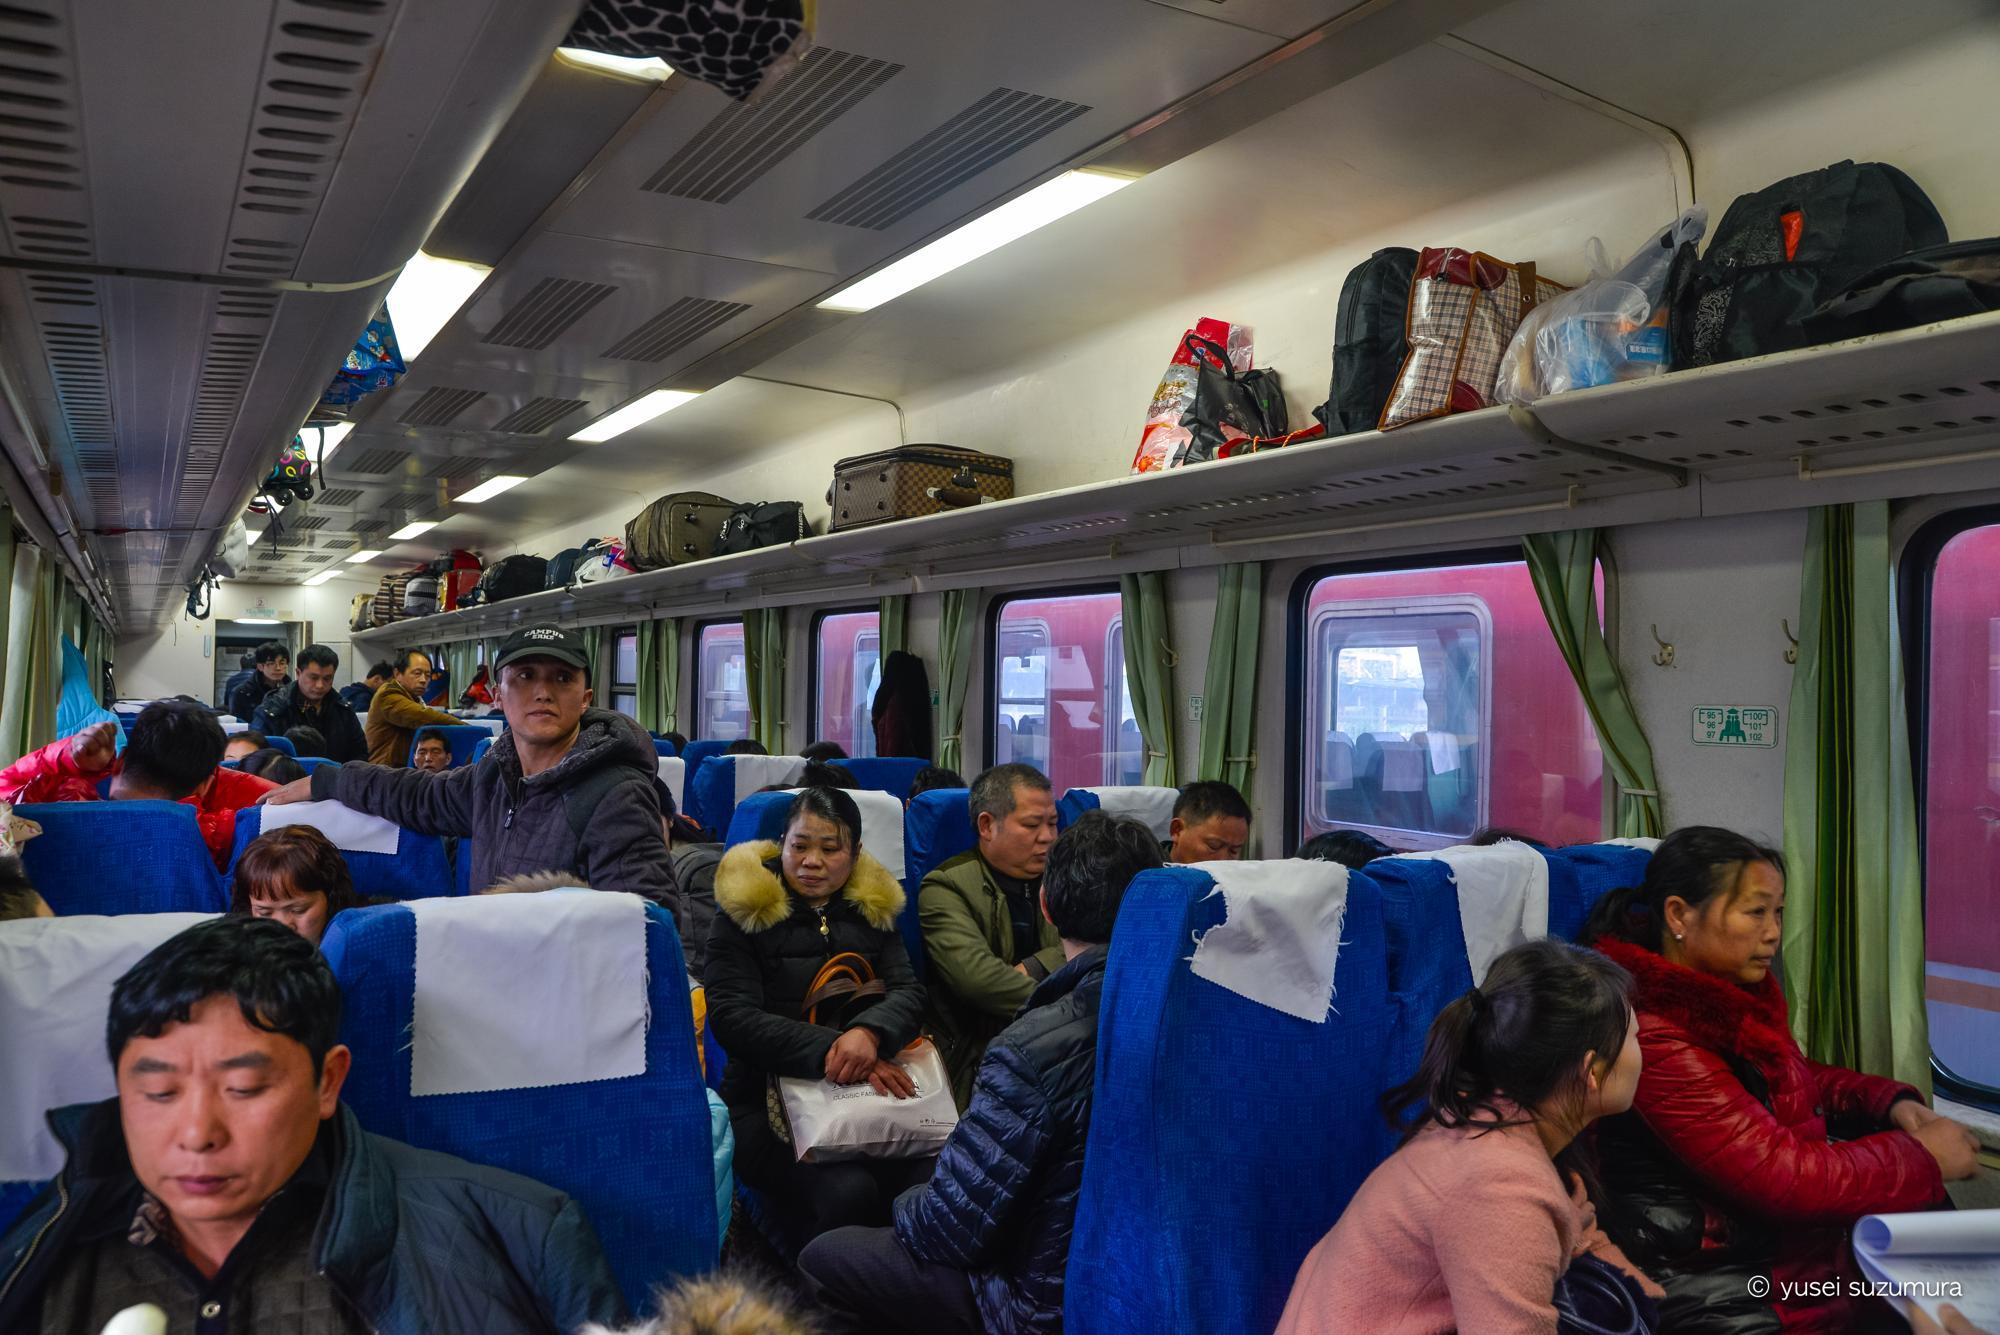 中国 列車の内部